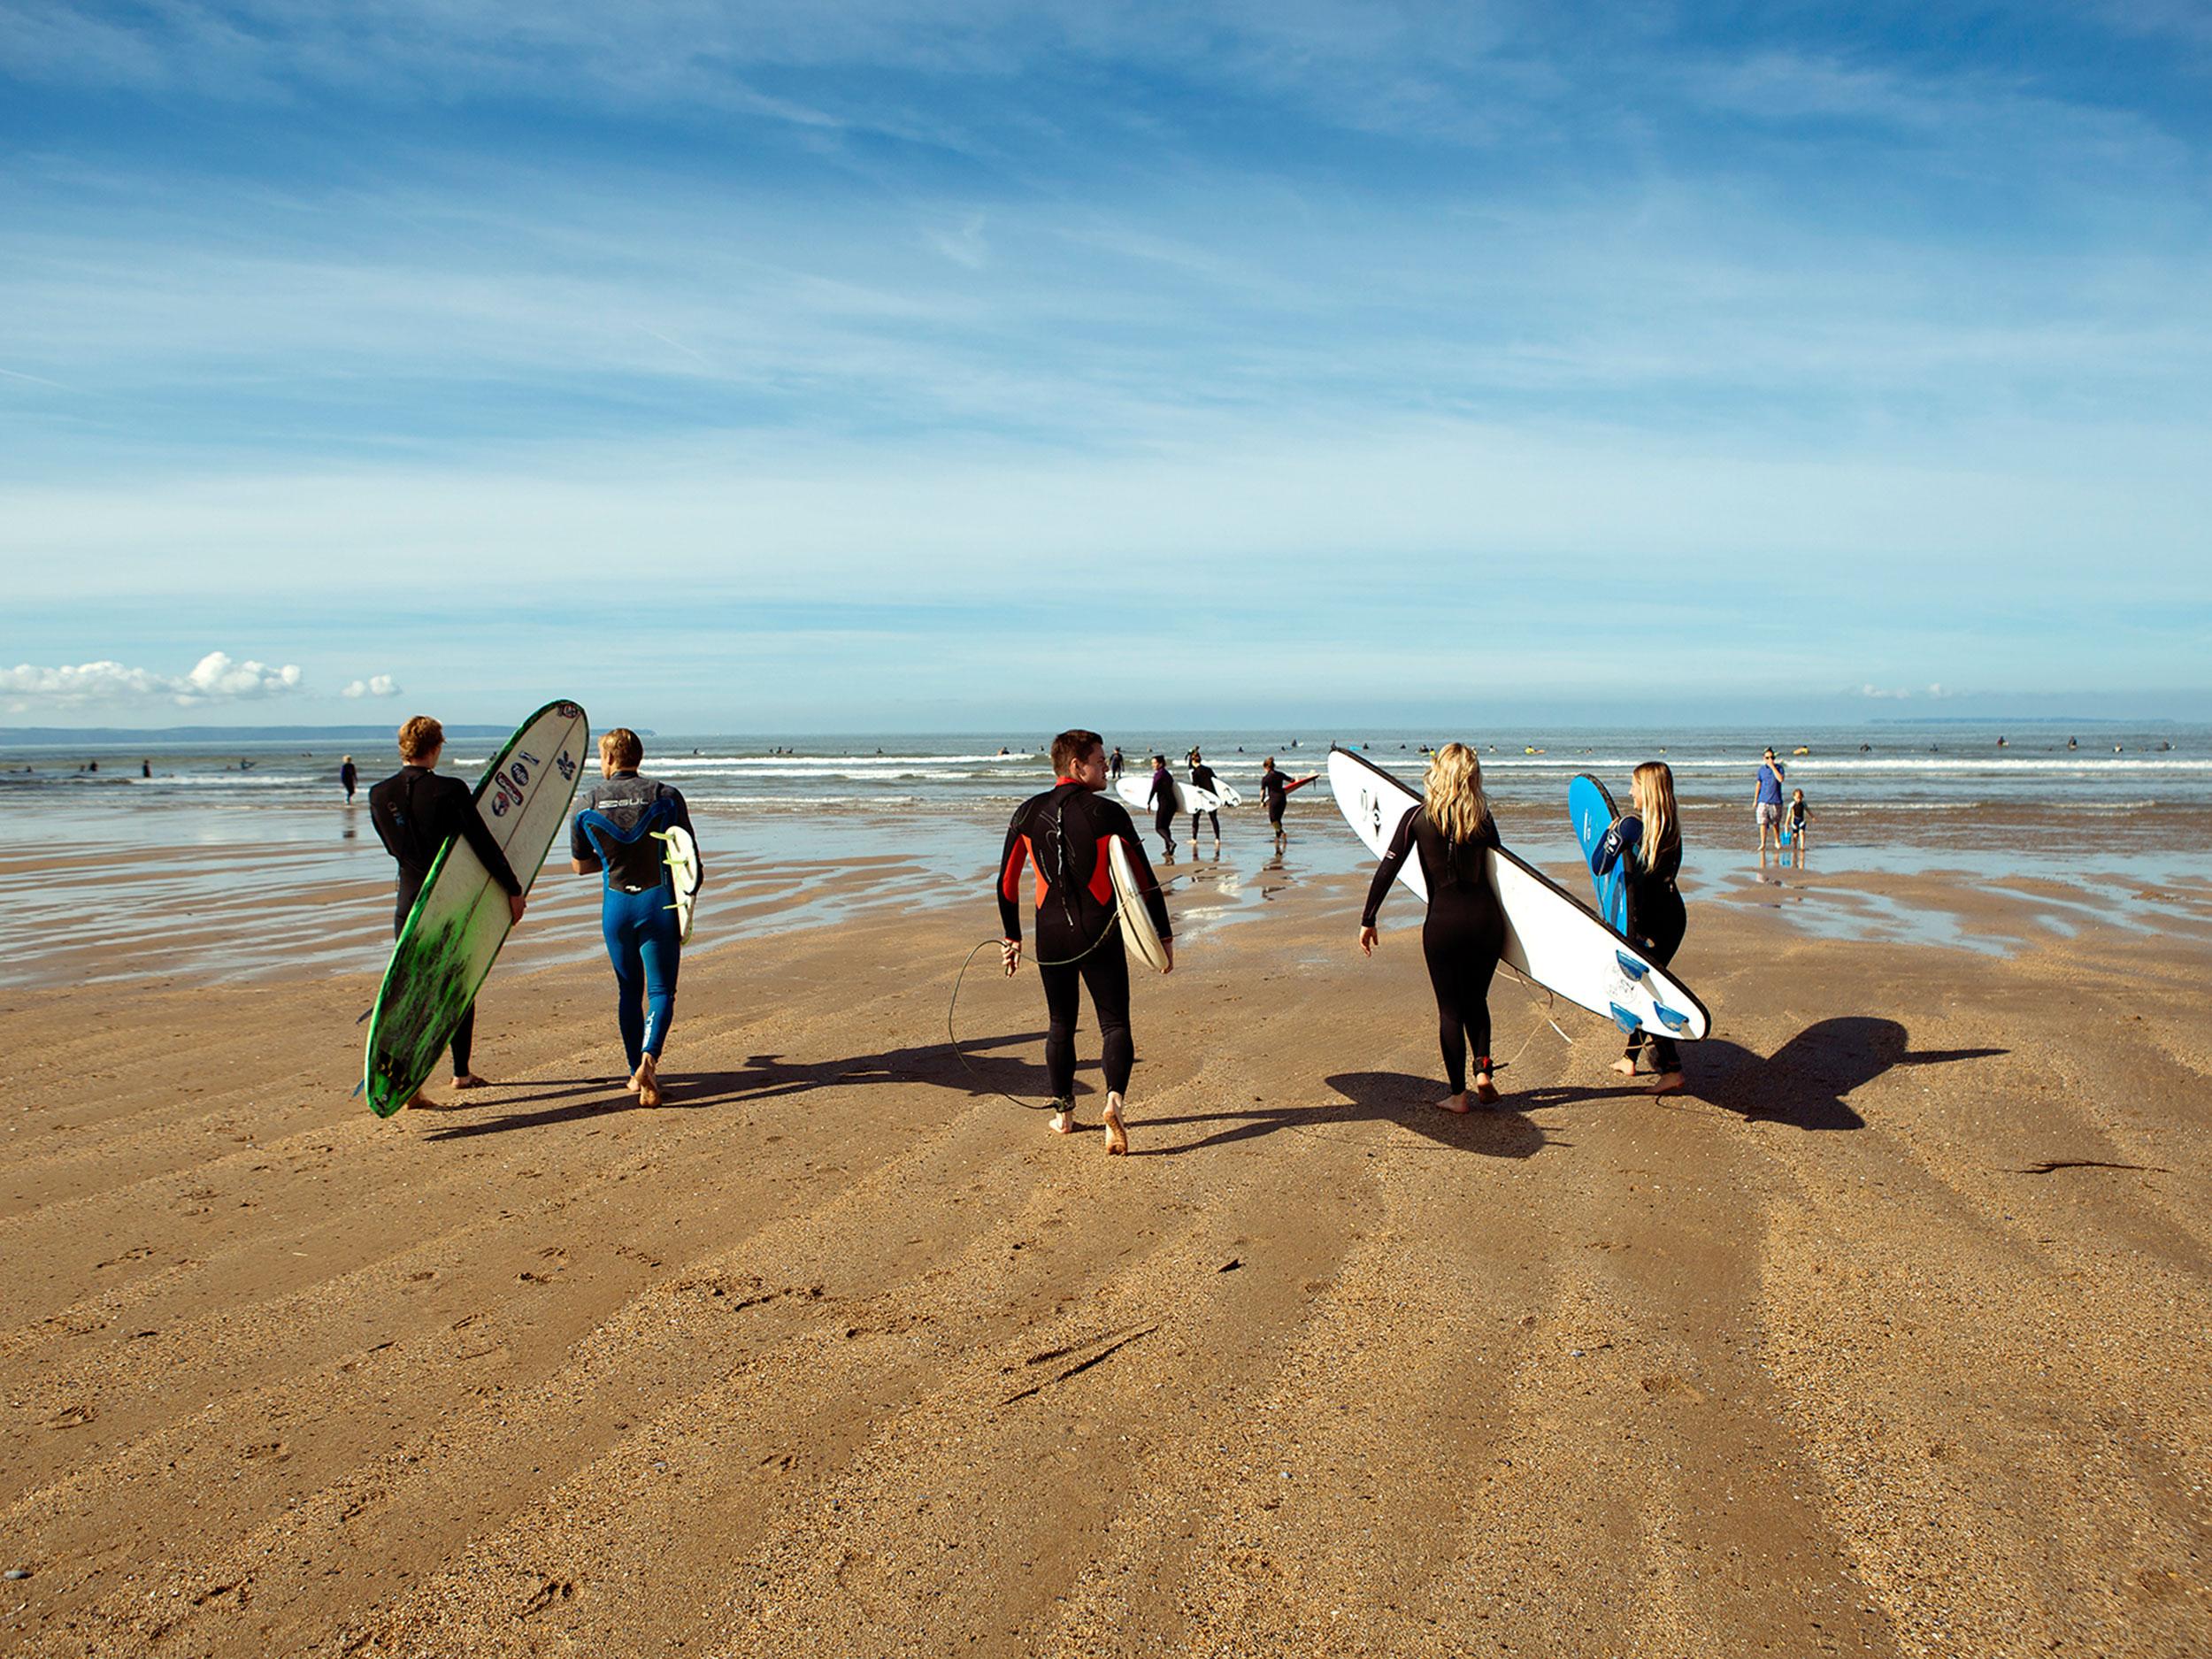 TAAB_Surfers_4x3.jpg